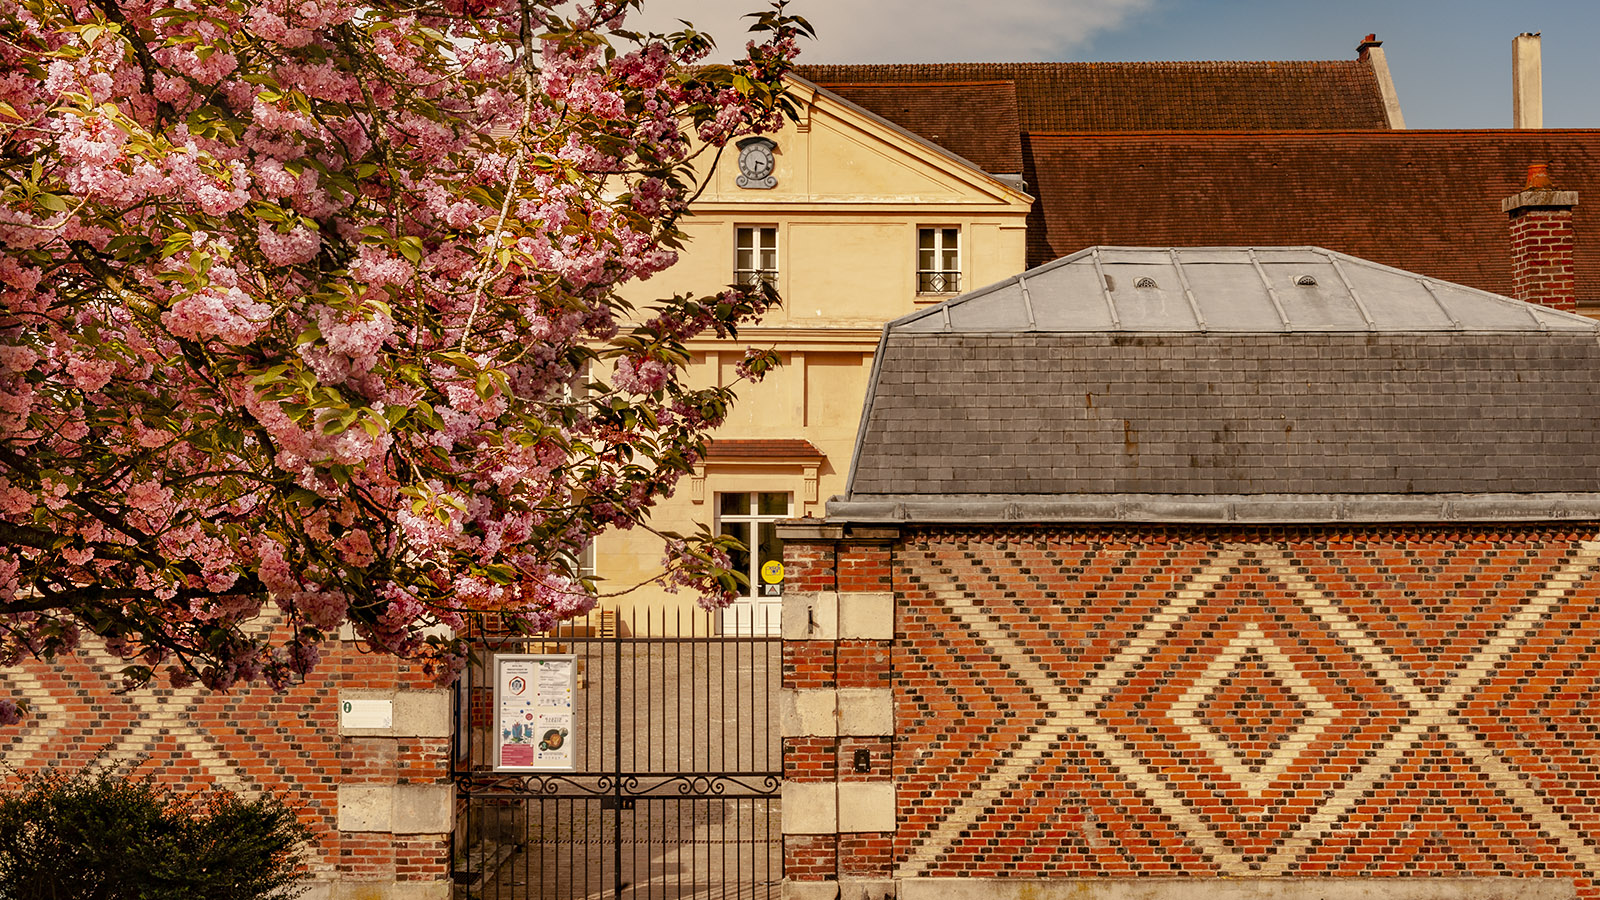 Château-Thierry: das Geburtshaus von Jean de la Fontaine. Der Hof für die Kutschen. Foto: Hilke Maunder